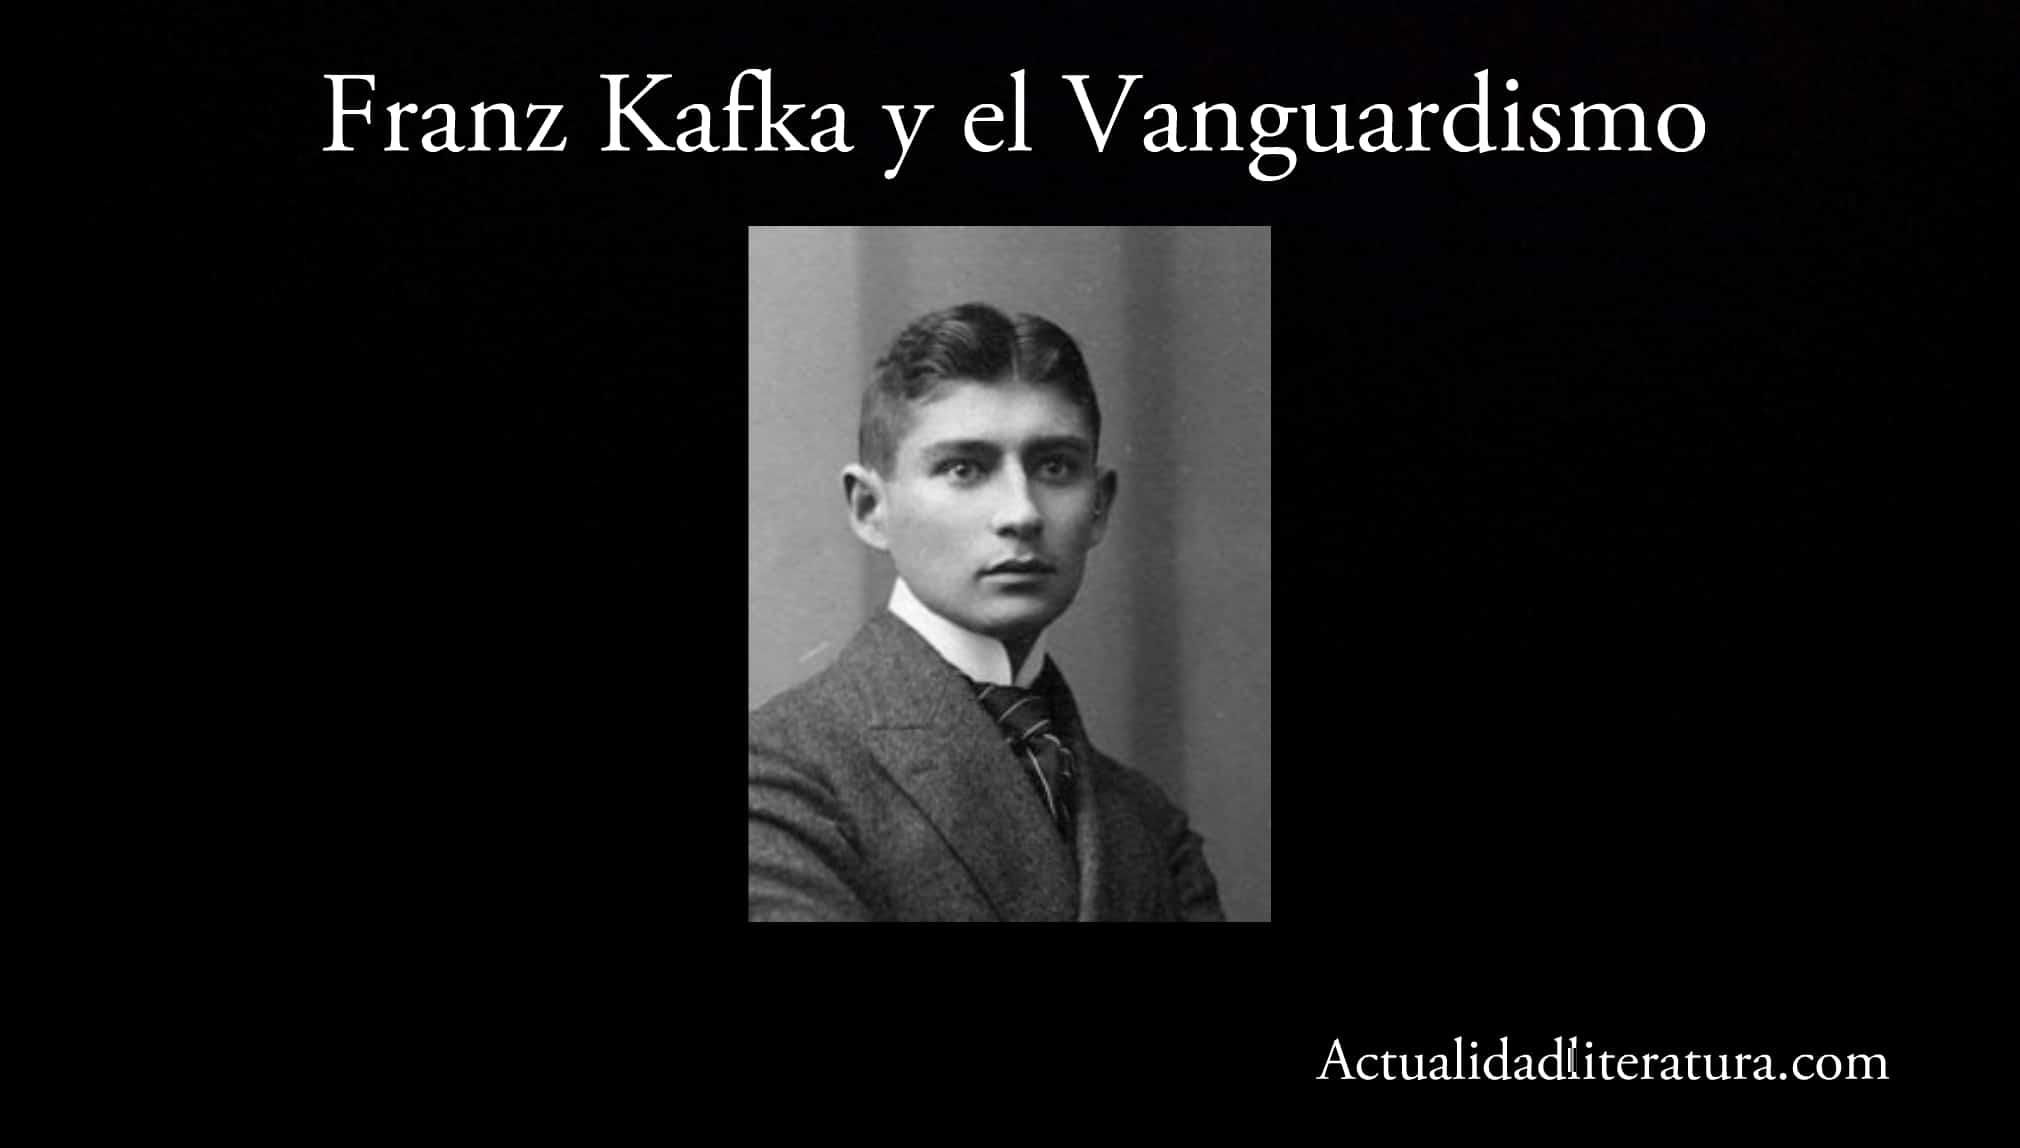 Franz Kafka y el Vanguardismo.